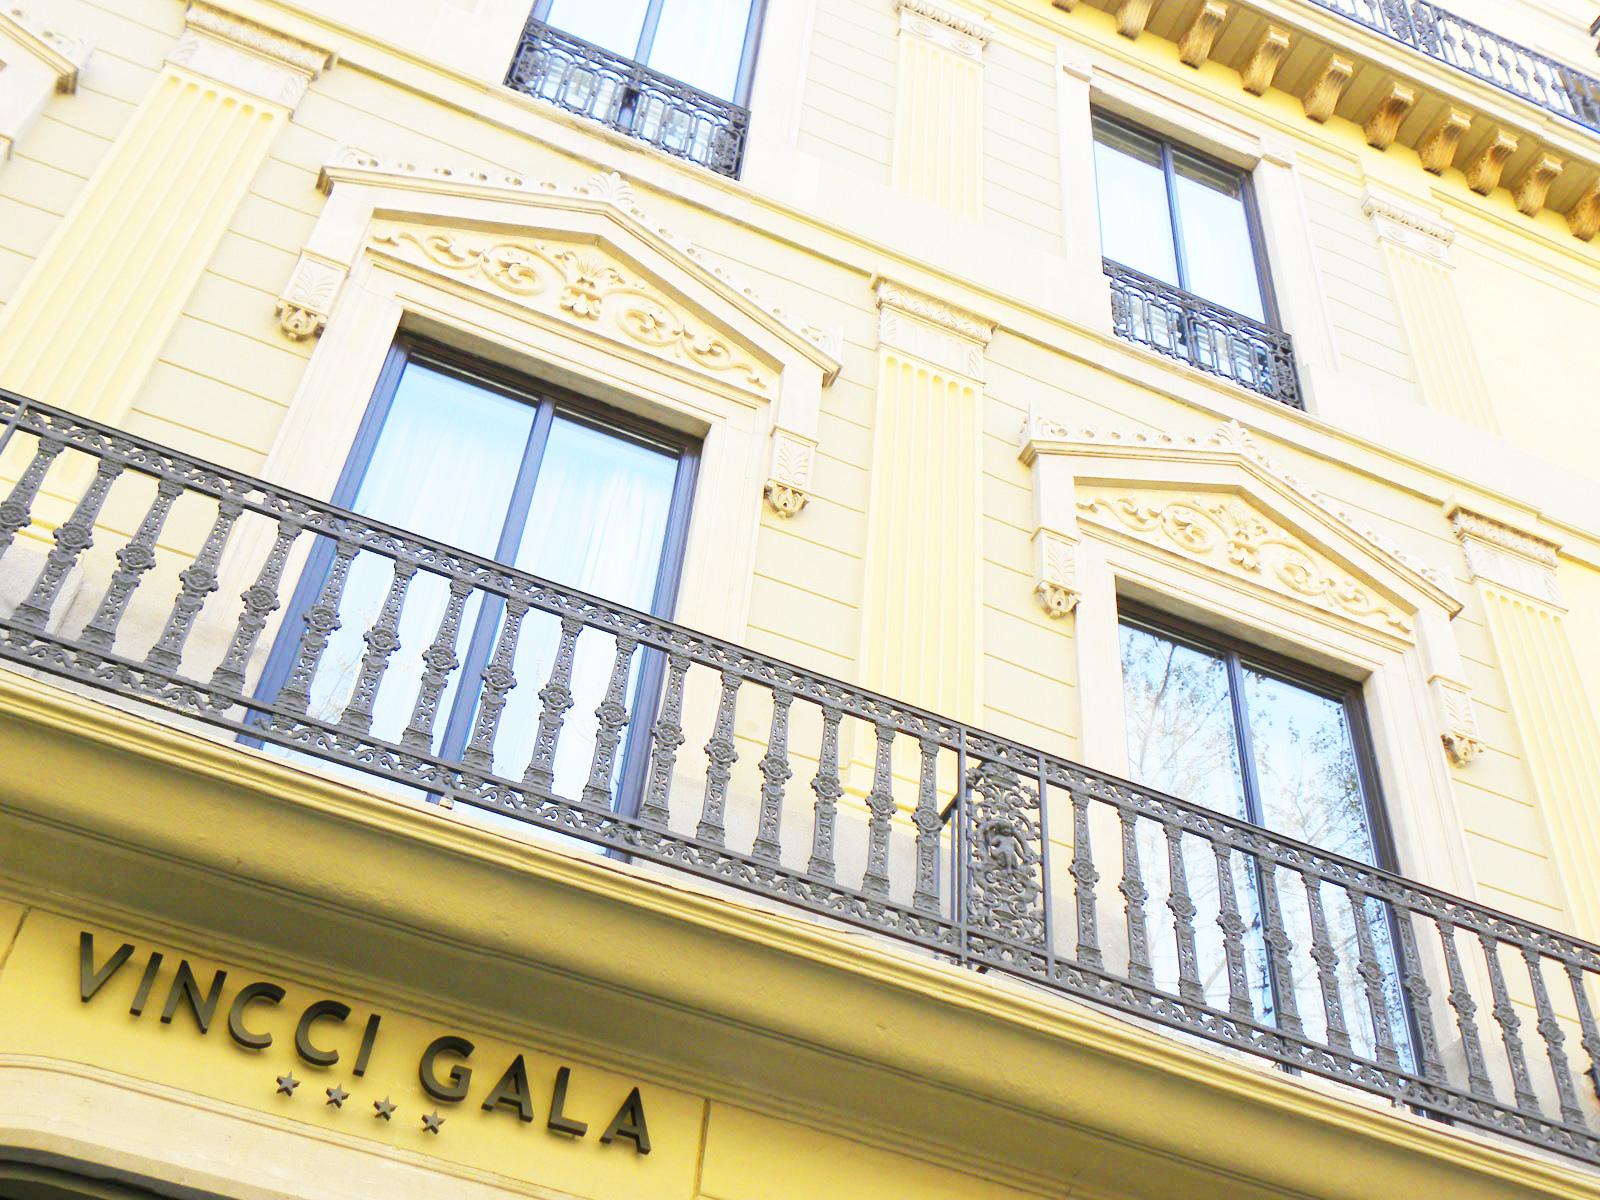 Fachada - Vincci Gala 4*